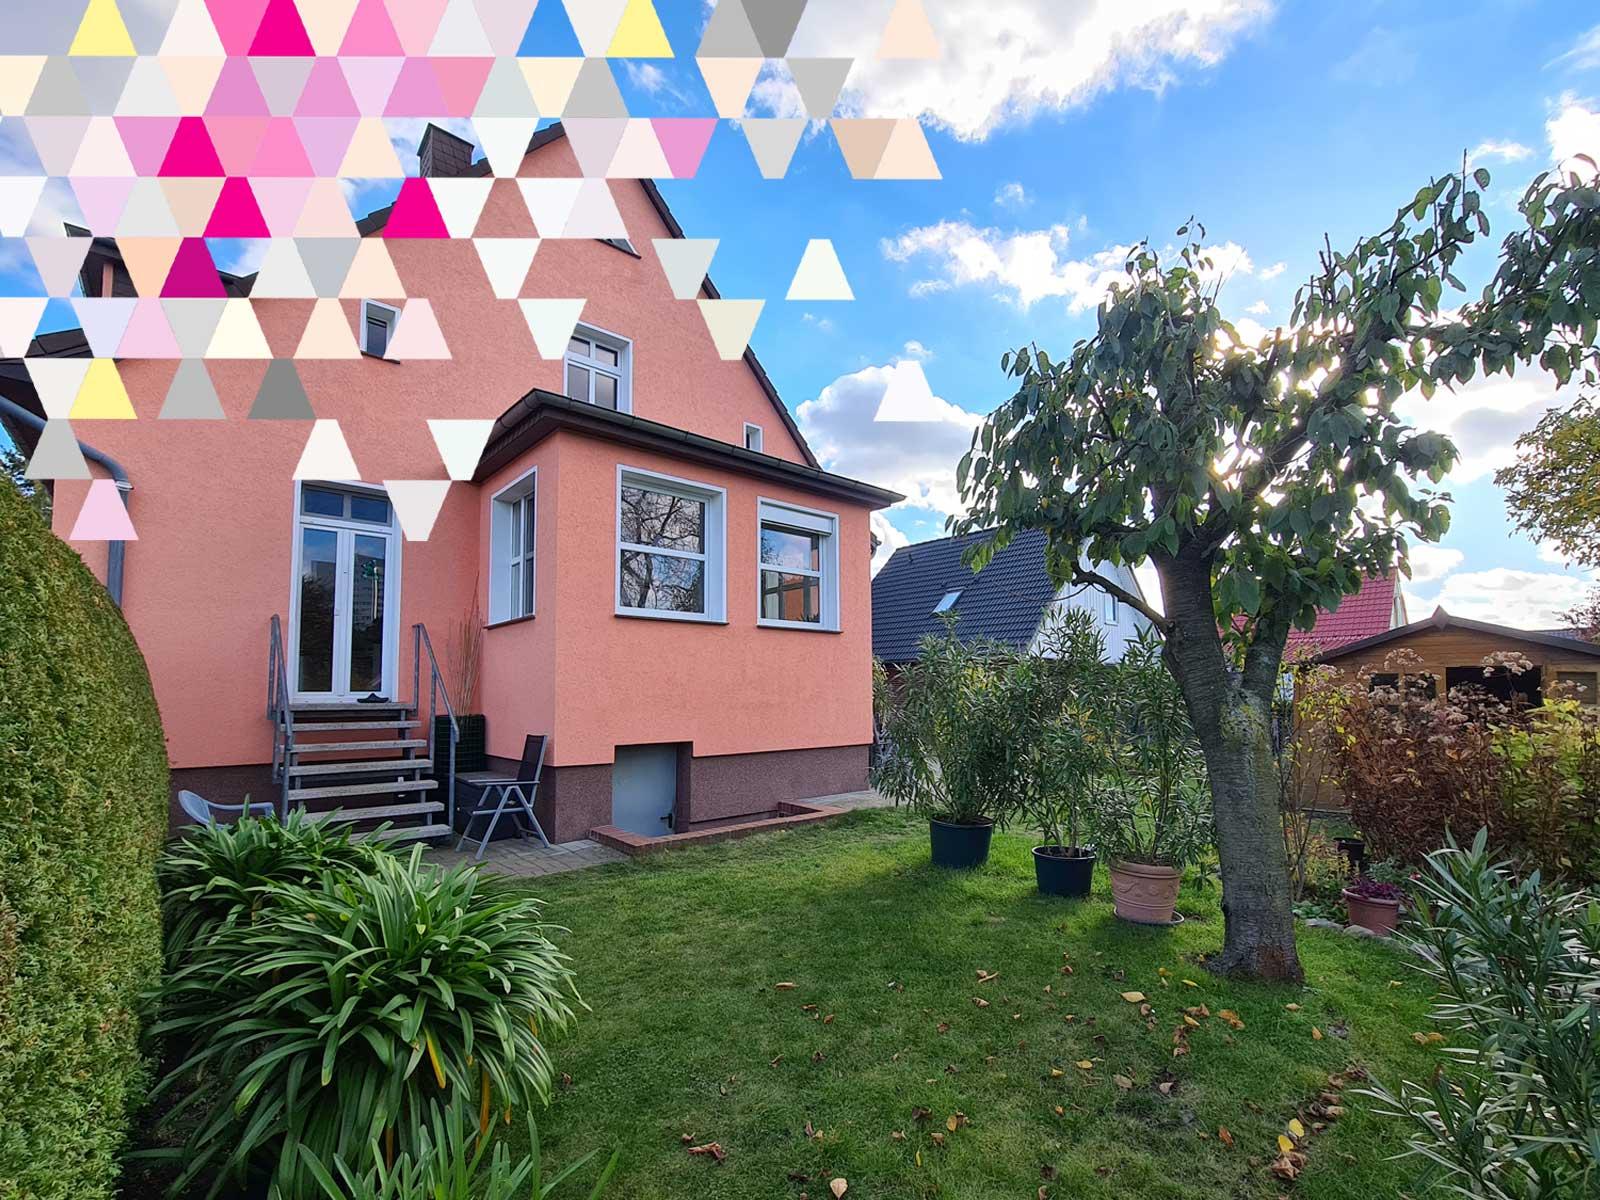 Einfamilienhaus | Verkauft zur Eigennutzung | 5 Zimmer | ca. 134 m² Wohnfläche | ca. 493 m² Grundstücksfläche | Berlin-Marzahn